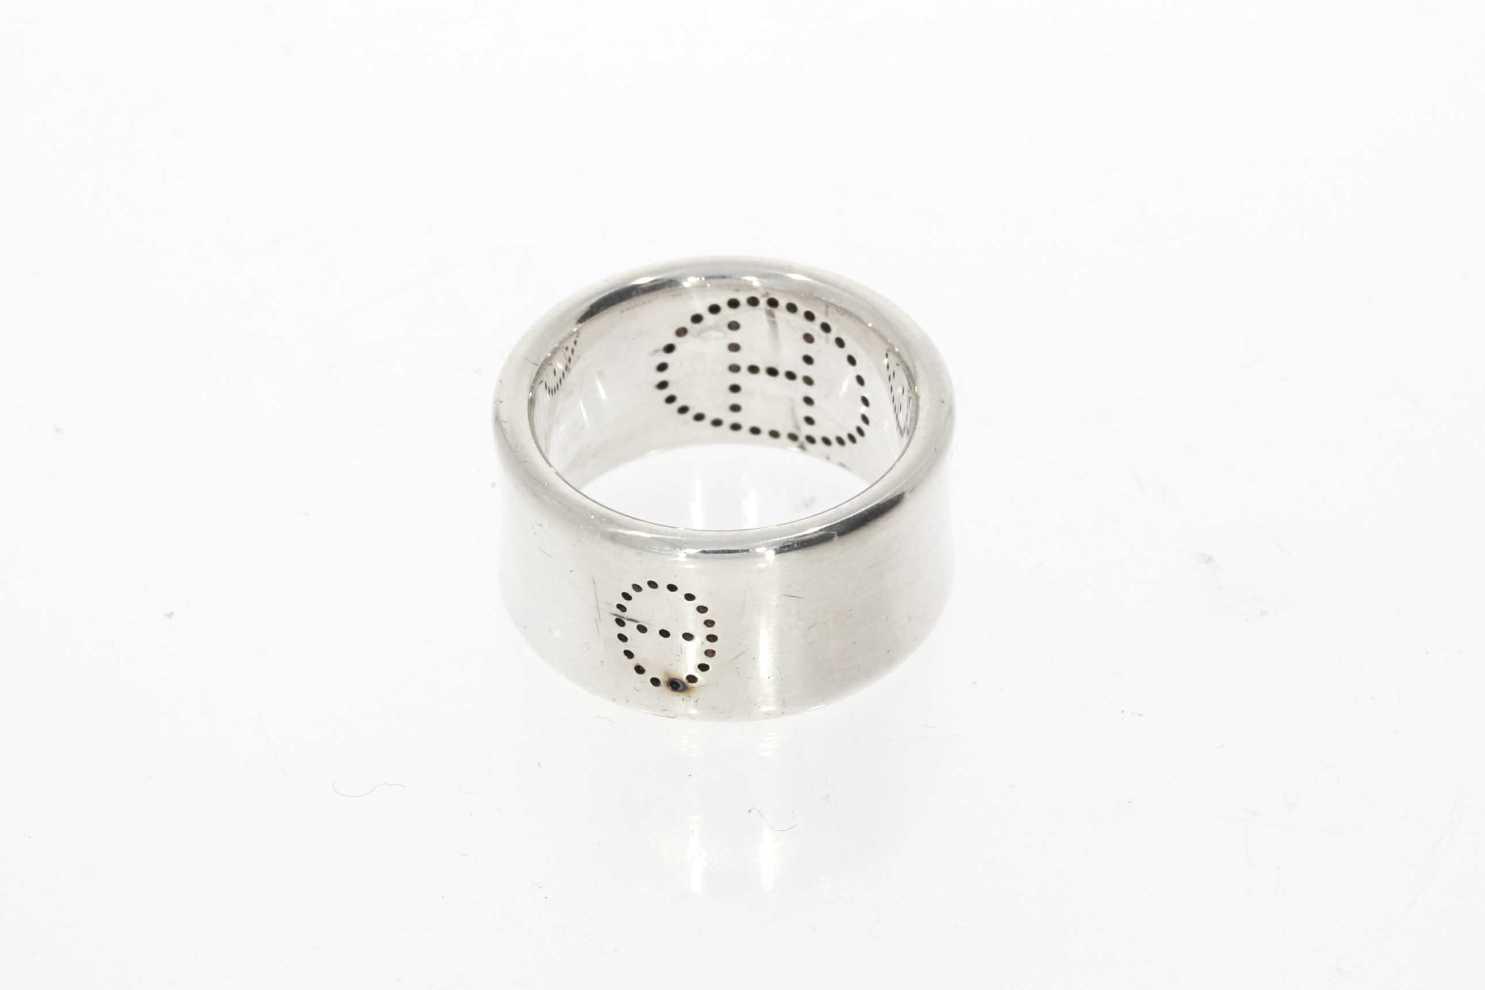 78a0a38476 Joaillerie - Collection Argent Bague - HERMES - Eclipse - Boutique ...